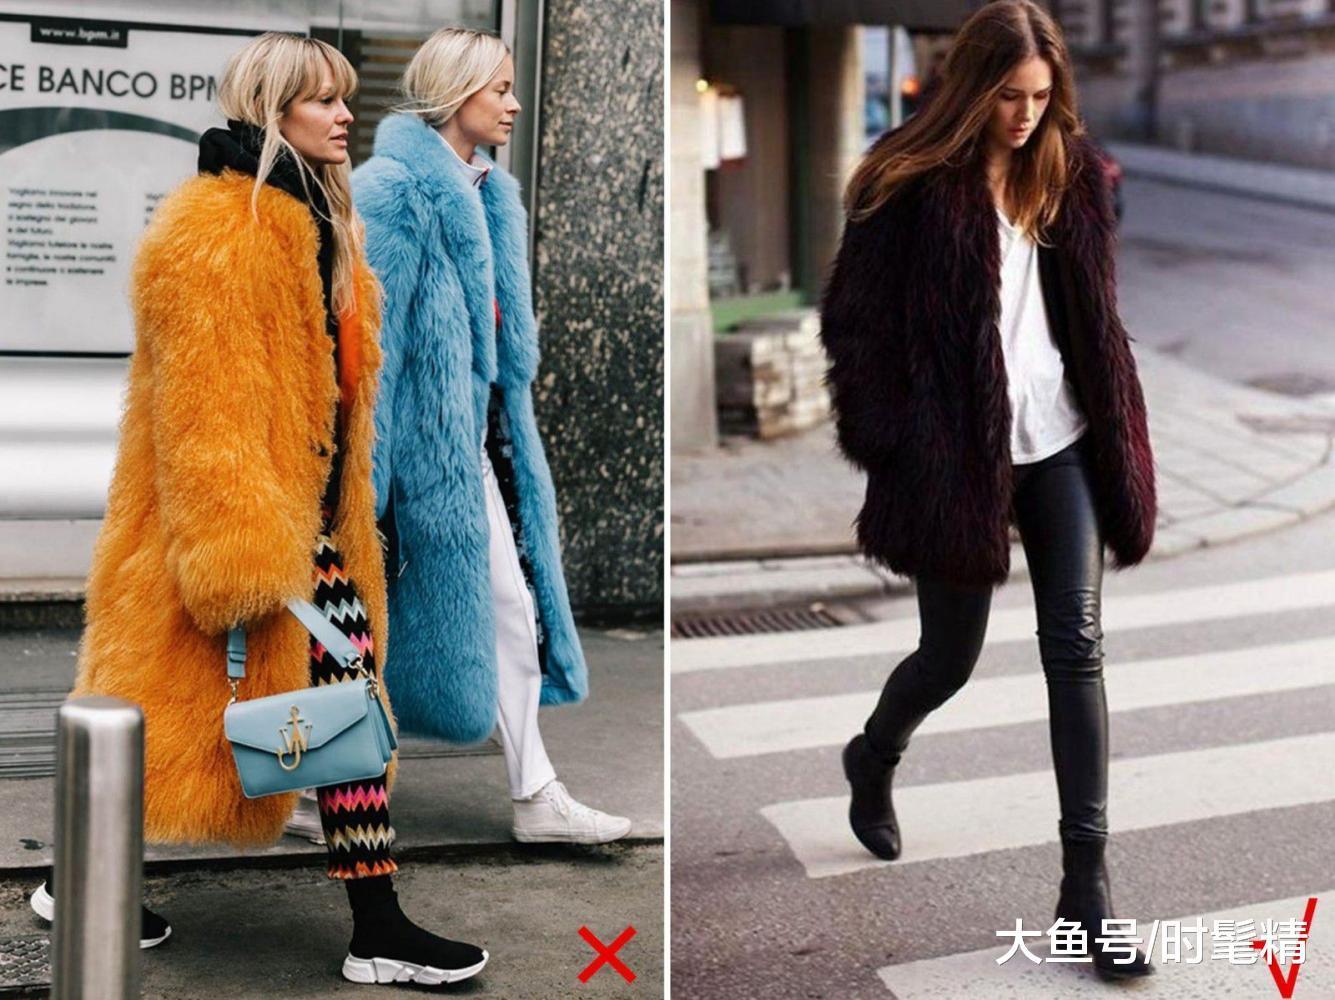 """女人穿""""皮草""""显贵气,但要避免3种款式,不然俗气臃肿浪费钱!"""